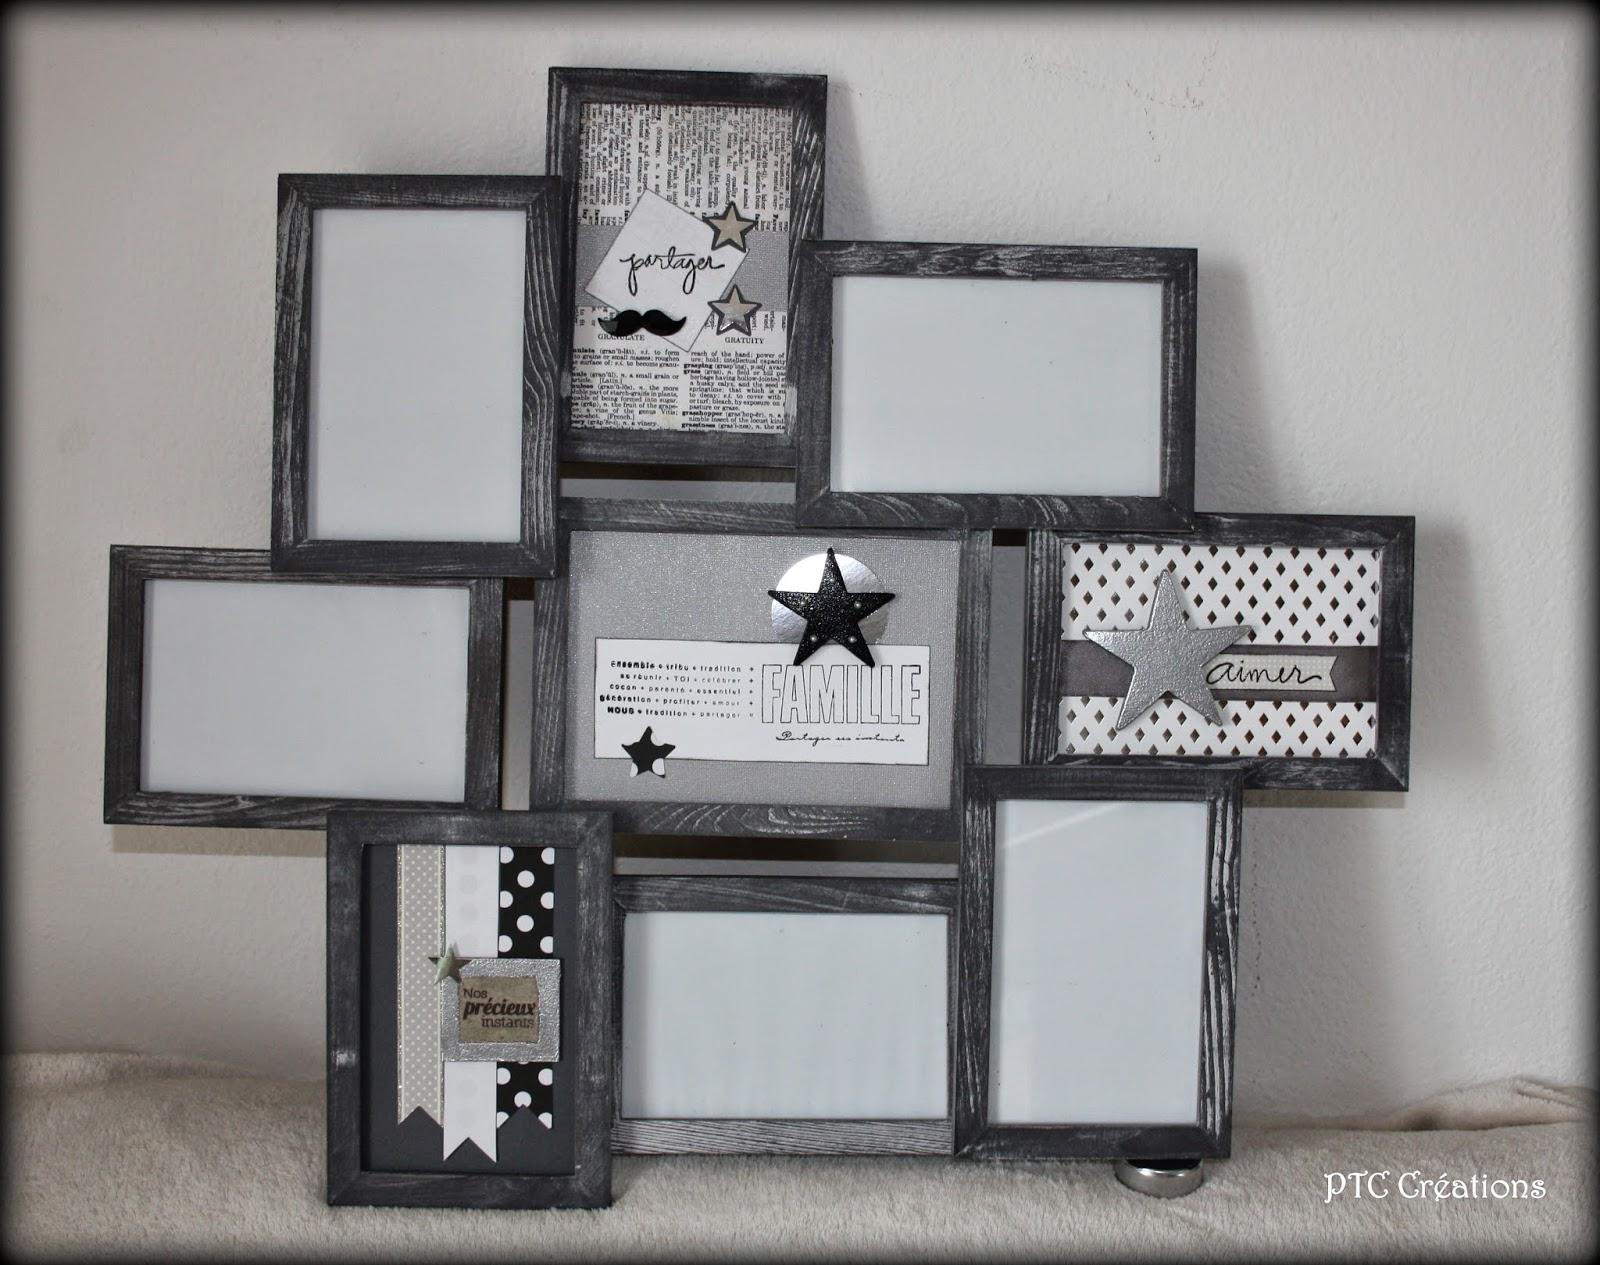 maison du monde pele mele interesting ein toller hingucker groer spiegel im vintagestil with. Black Bedroom Furniture Sets. Home Design Ideas